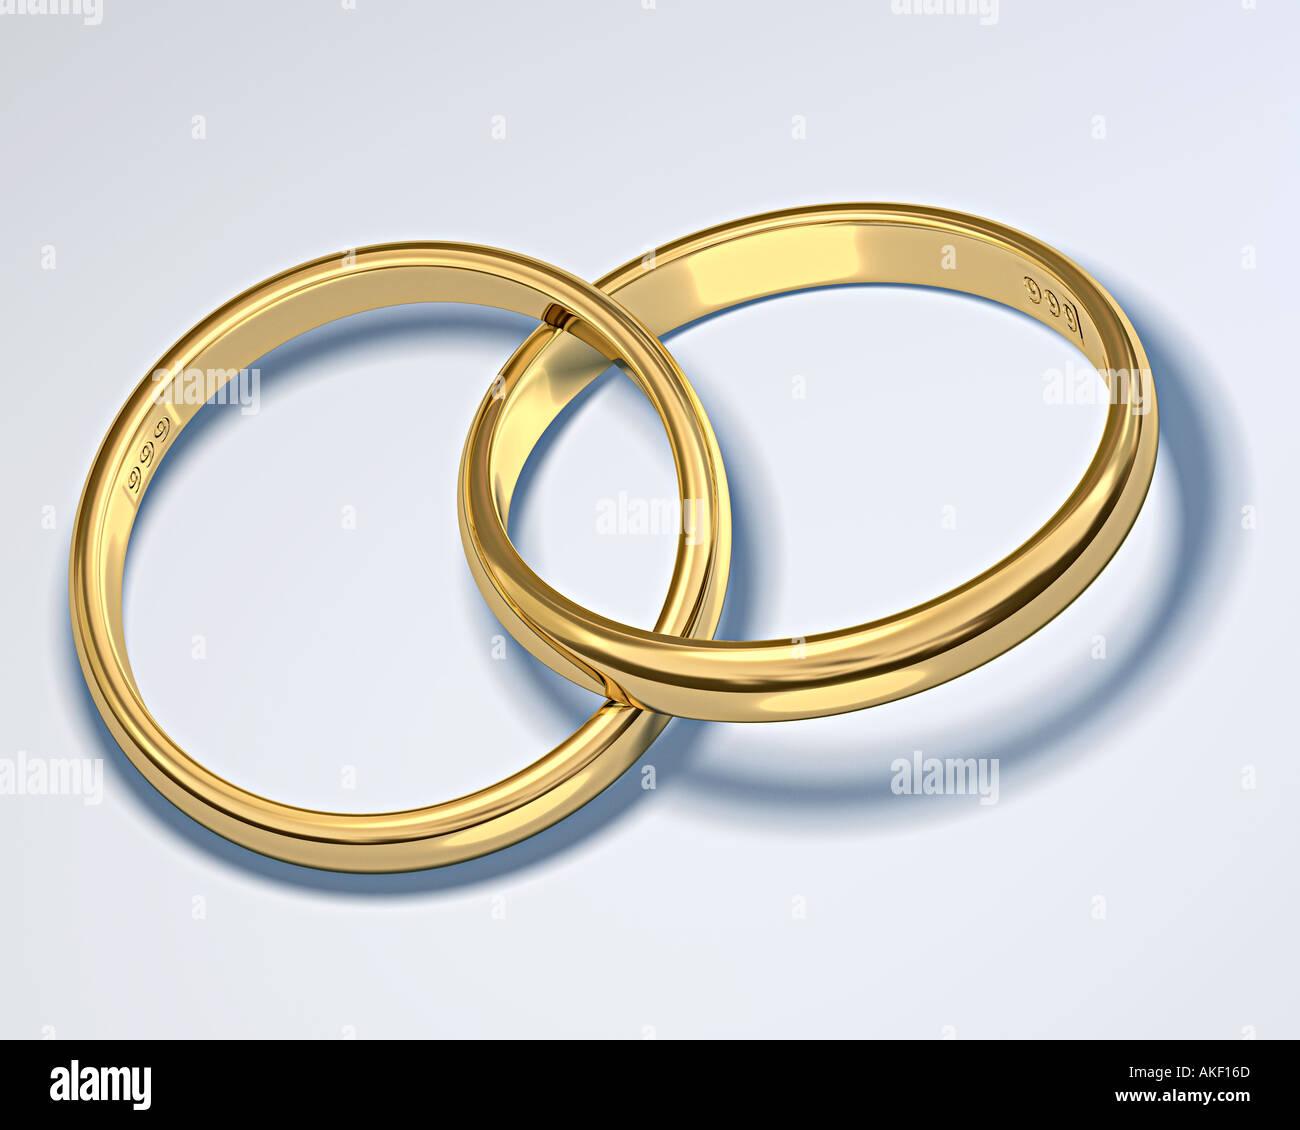 Zwei Ringe Aus Gold Interlock Symbol Der Hochzeit Ehebeziehung